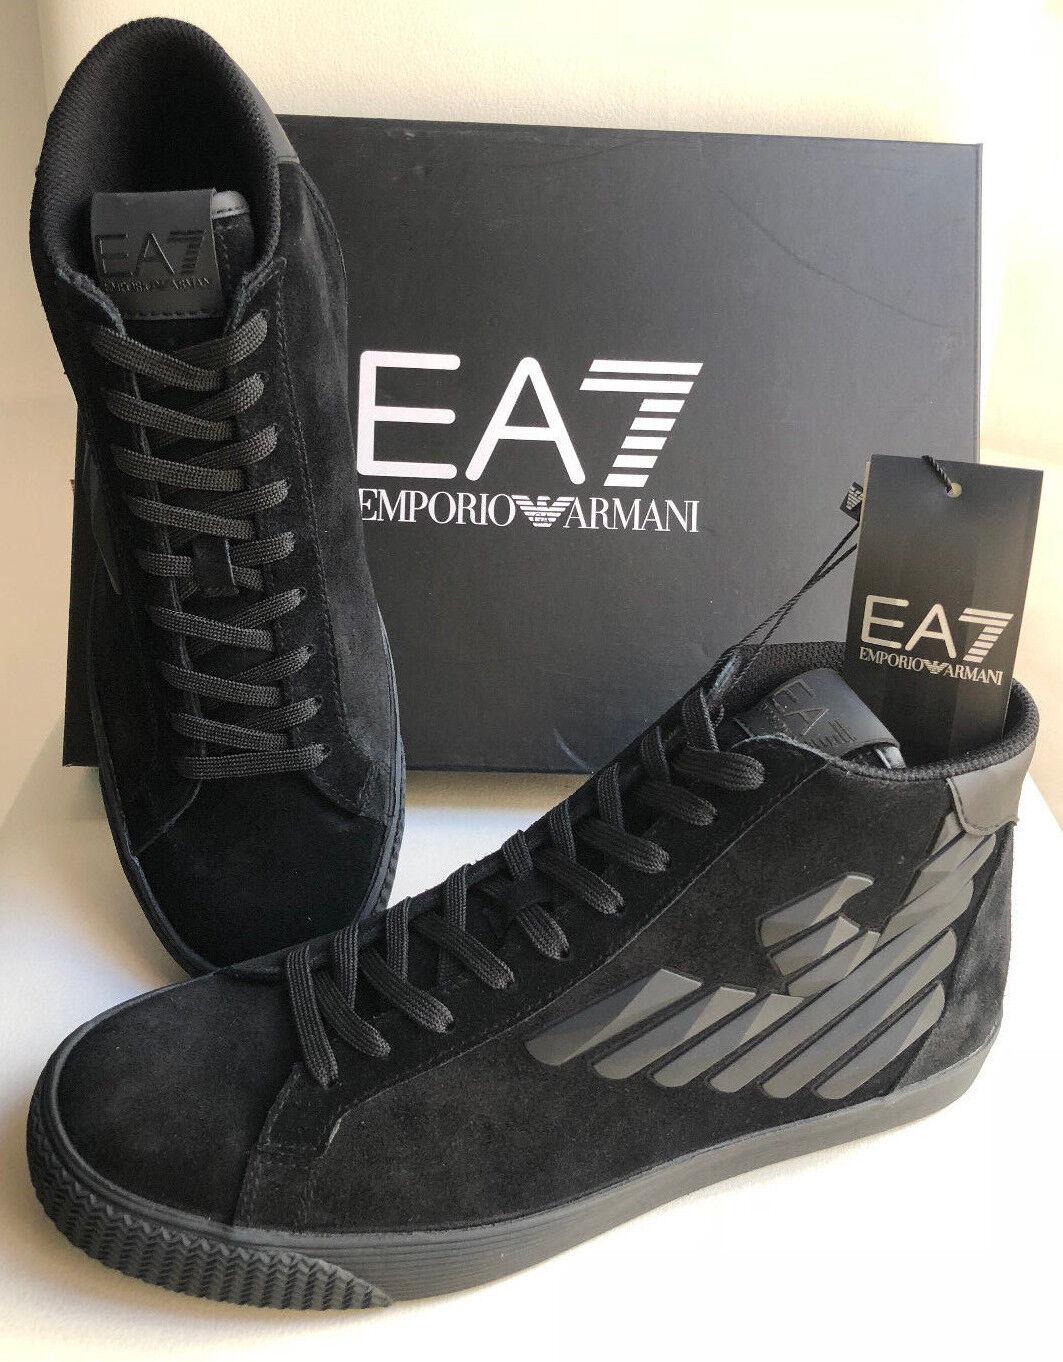 scarpe da da da ginnastica Alte Uomo Emporio Armani EA7 248010 7A299 18 19 Scarpe Grigie Blu Nuove | Pacchetti Alla Moda E Attraente  07f34a